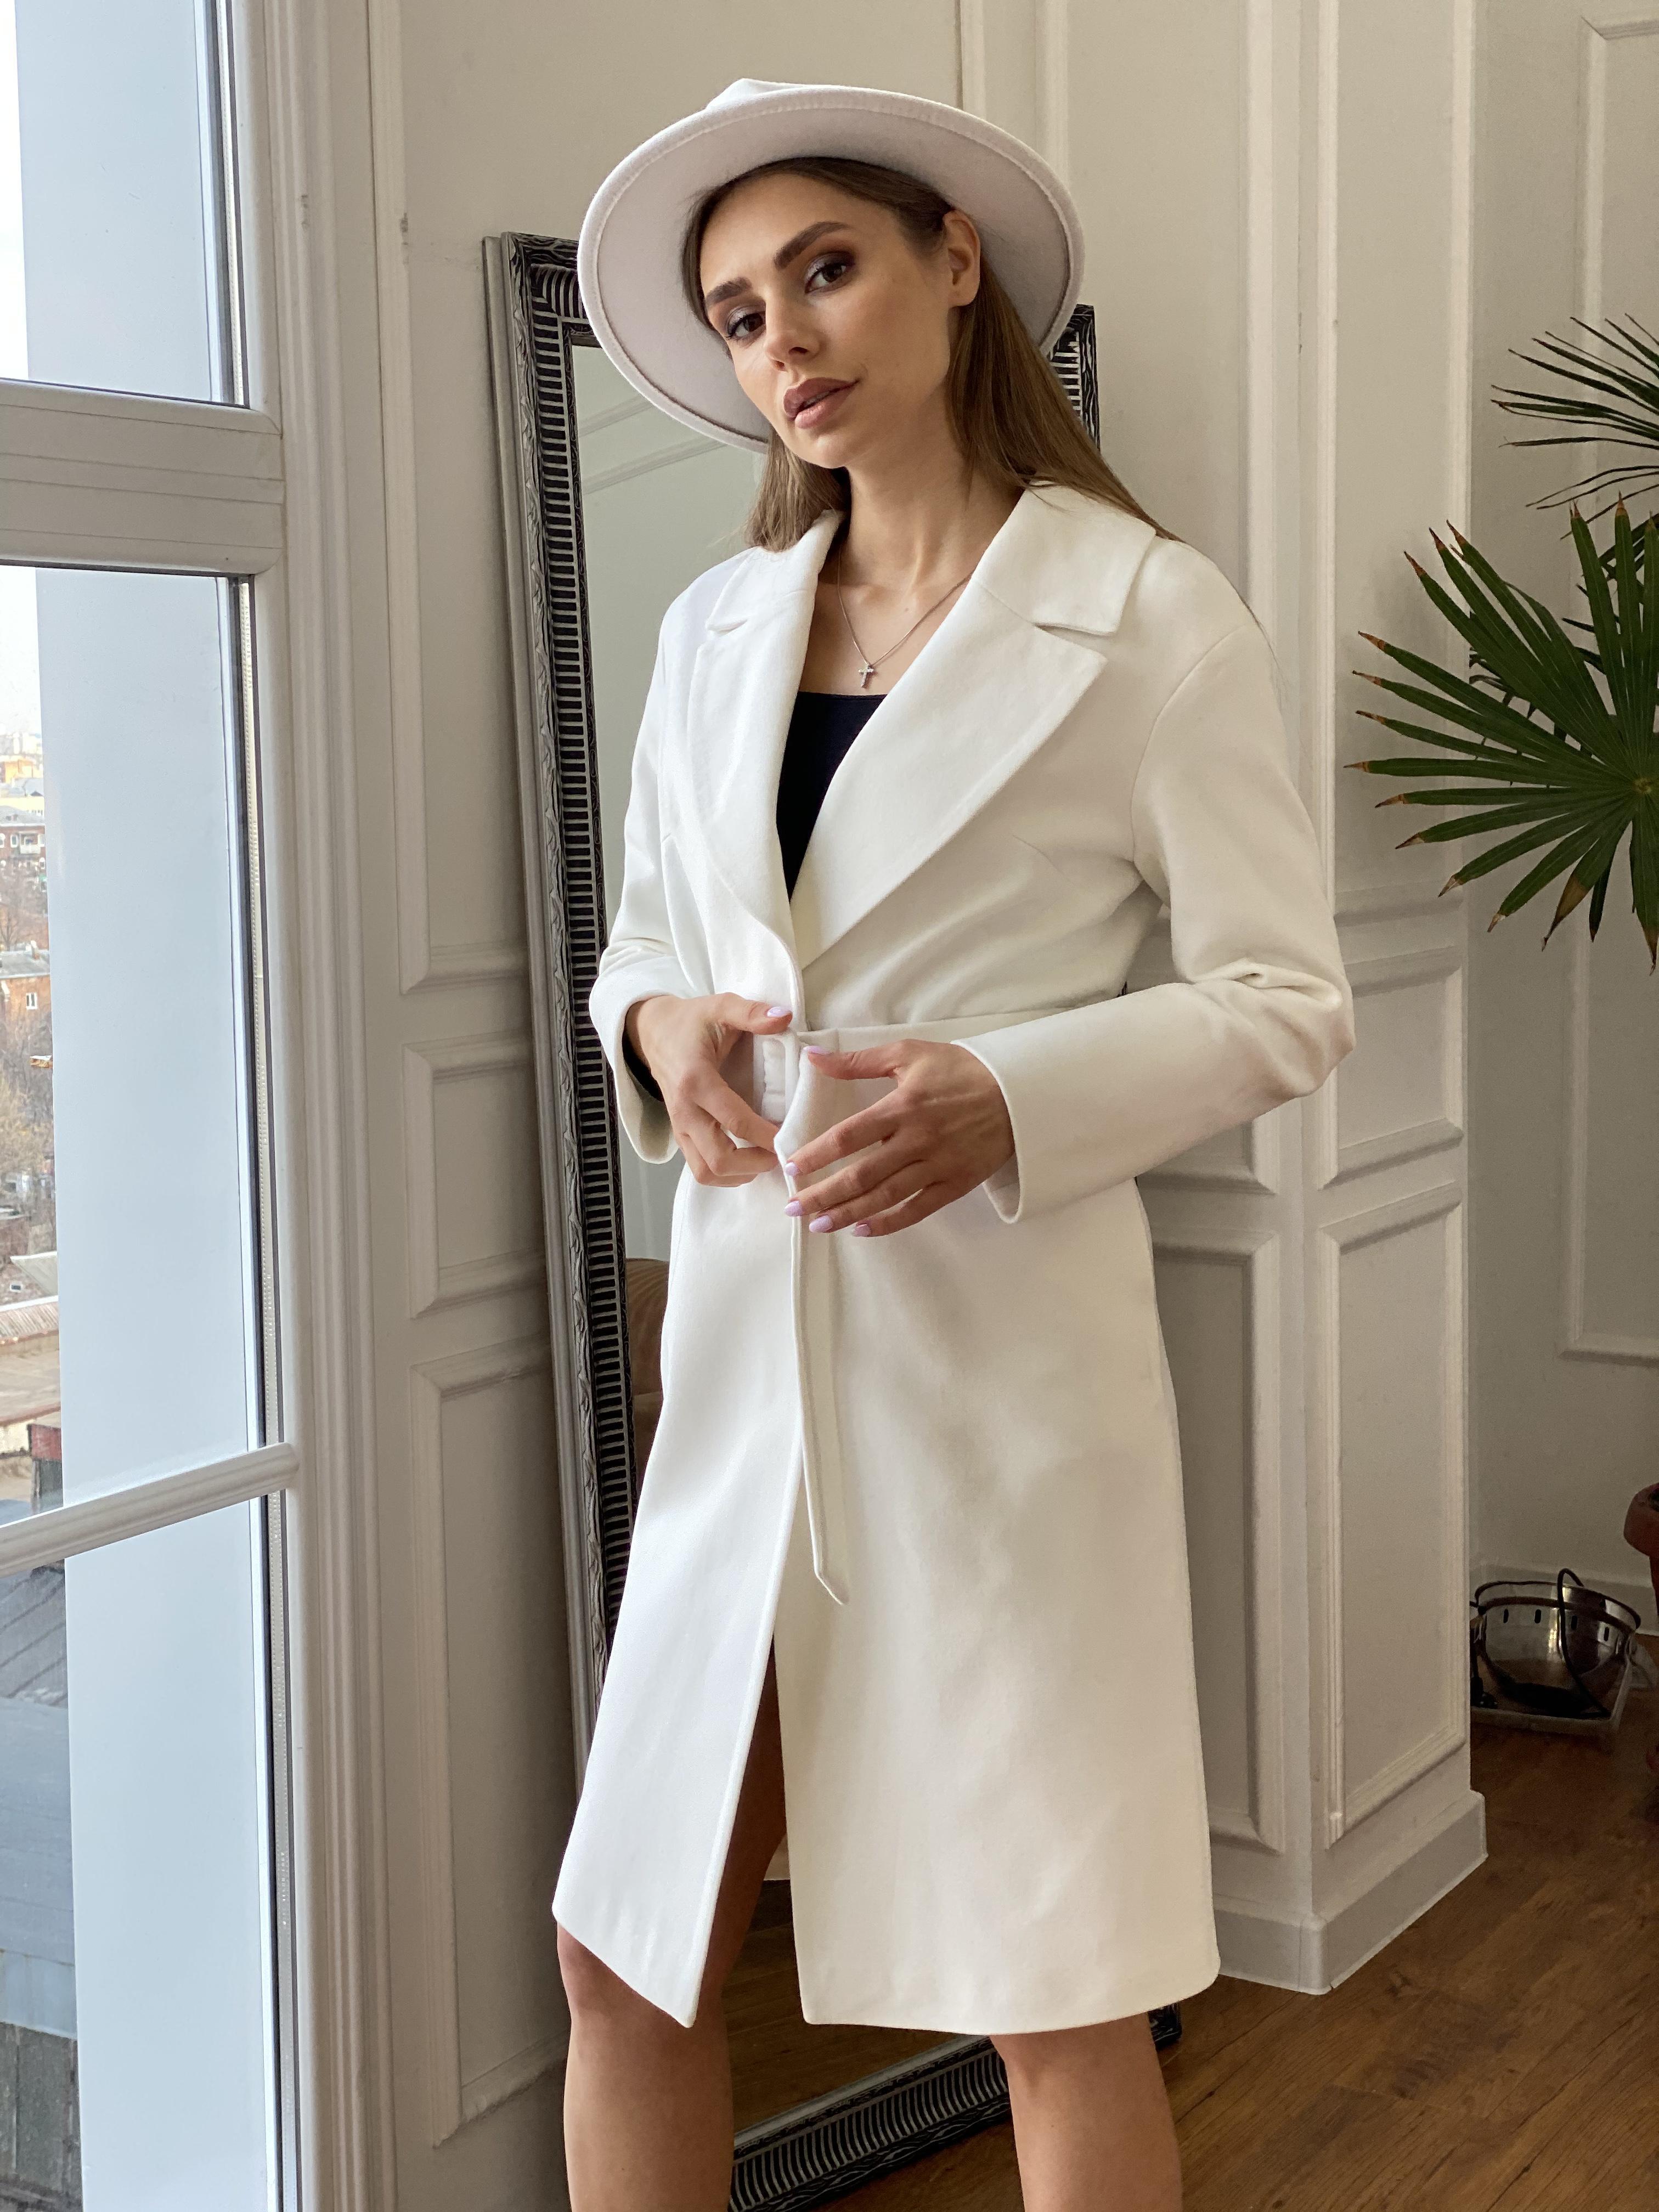 Севен пальто из гладкого кашемира 10621 АРТ. 46999 Цвет: Молоко - фото 1, интернет магазин tm-modus.ru